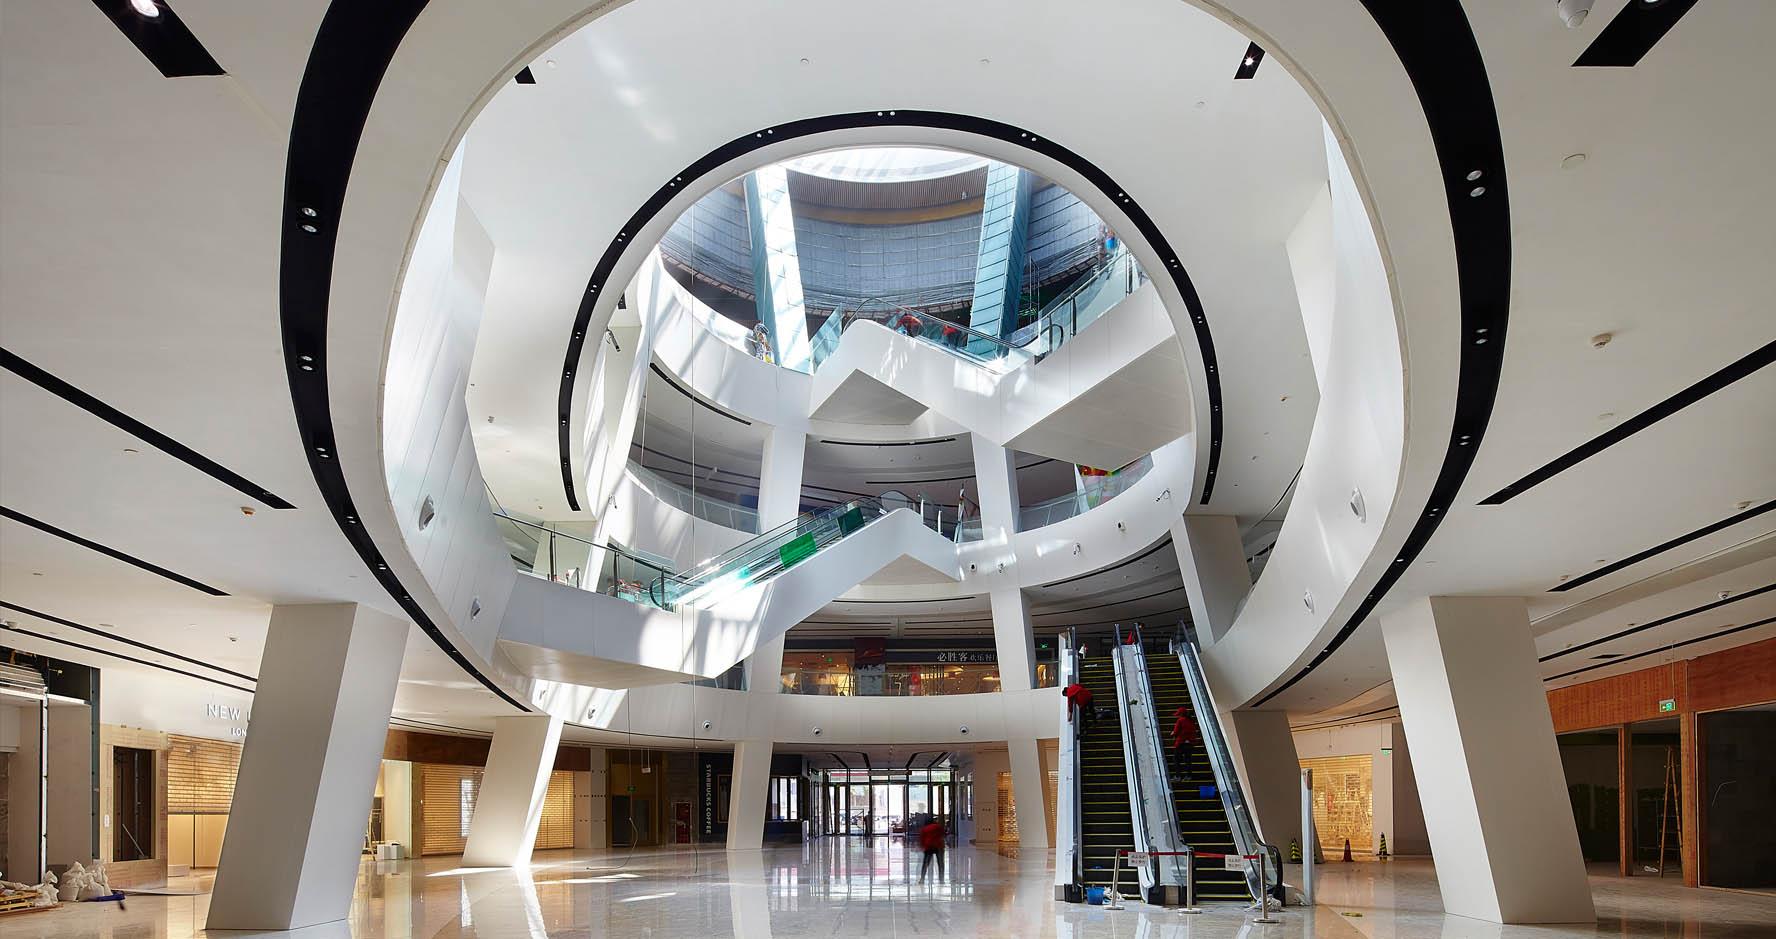 住总万科广场 - 北京市住宅建筑设计研究院有限公司